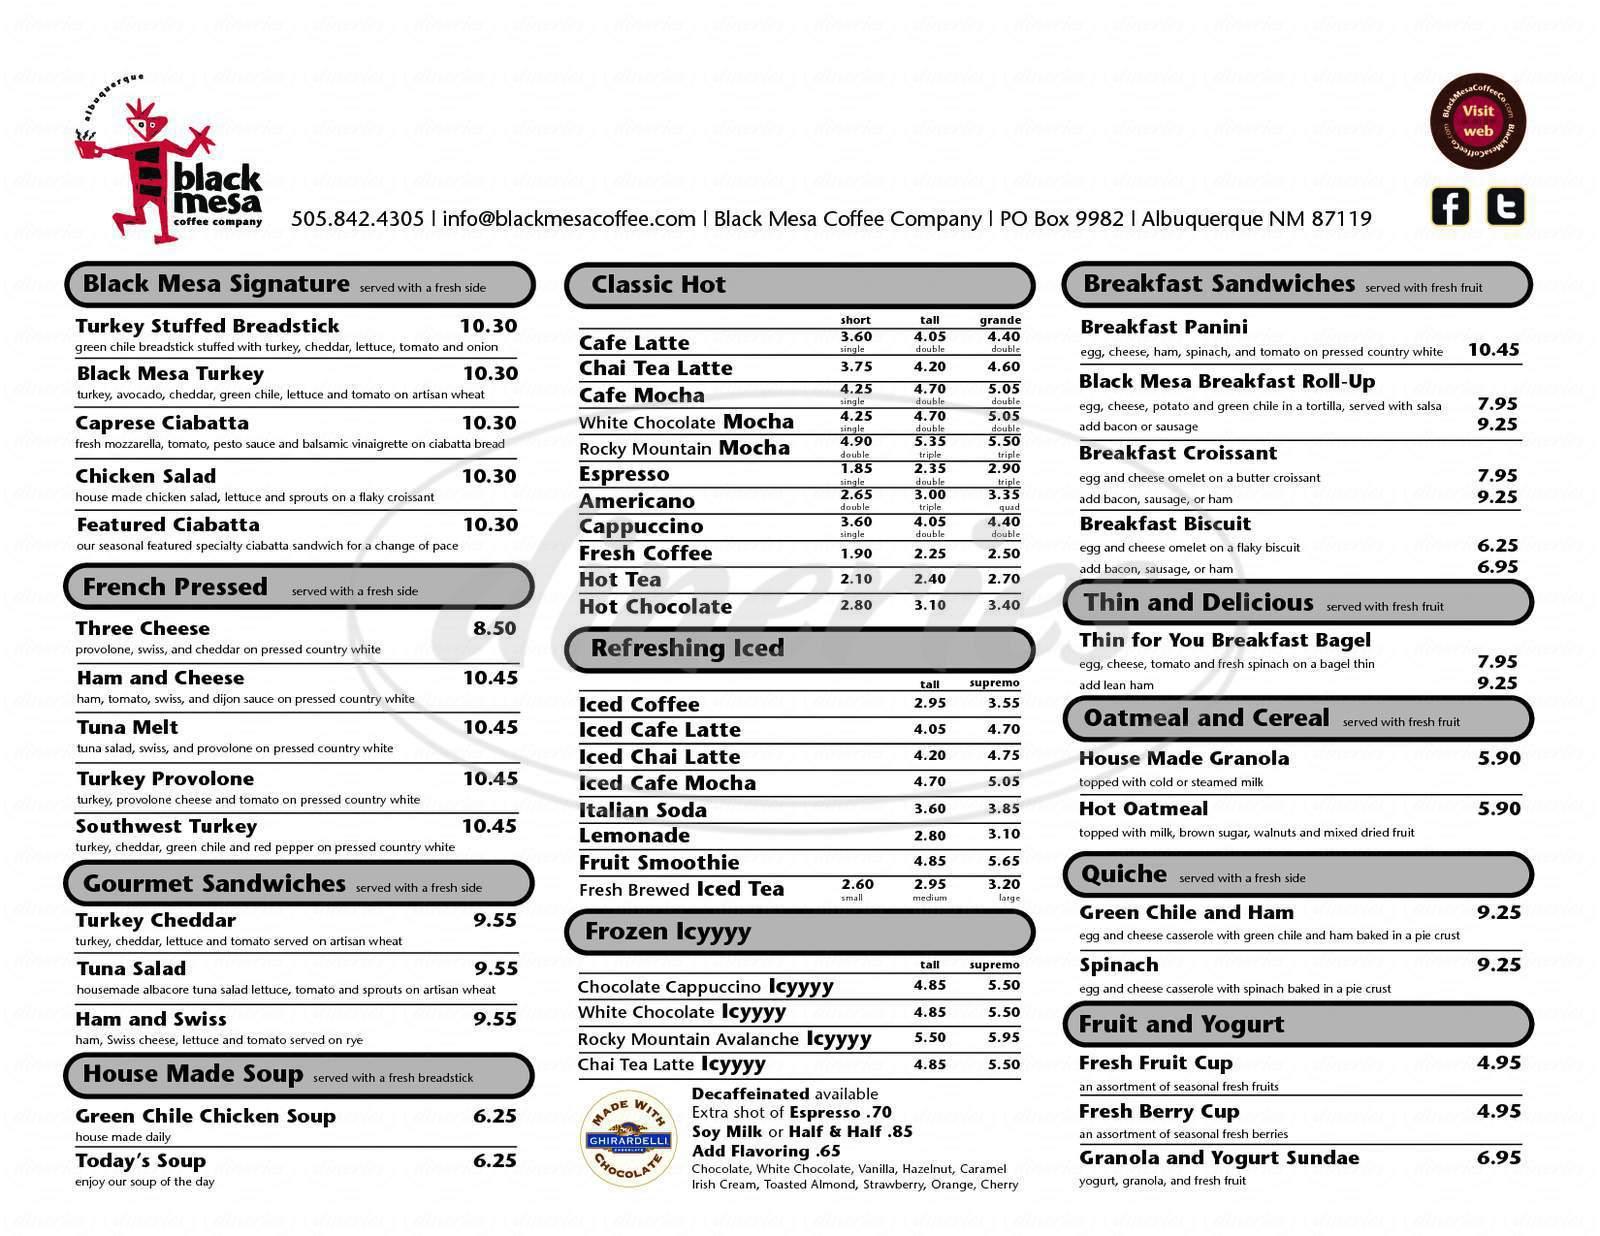 menu for Black Mesa Coffee Company